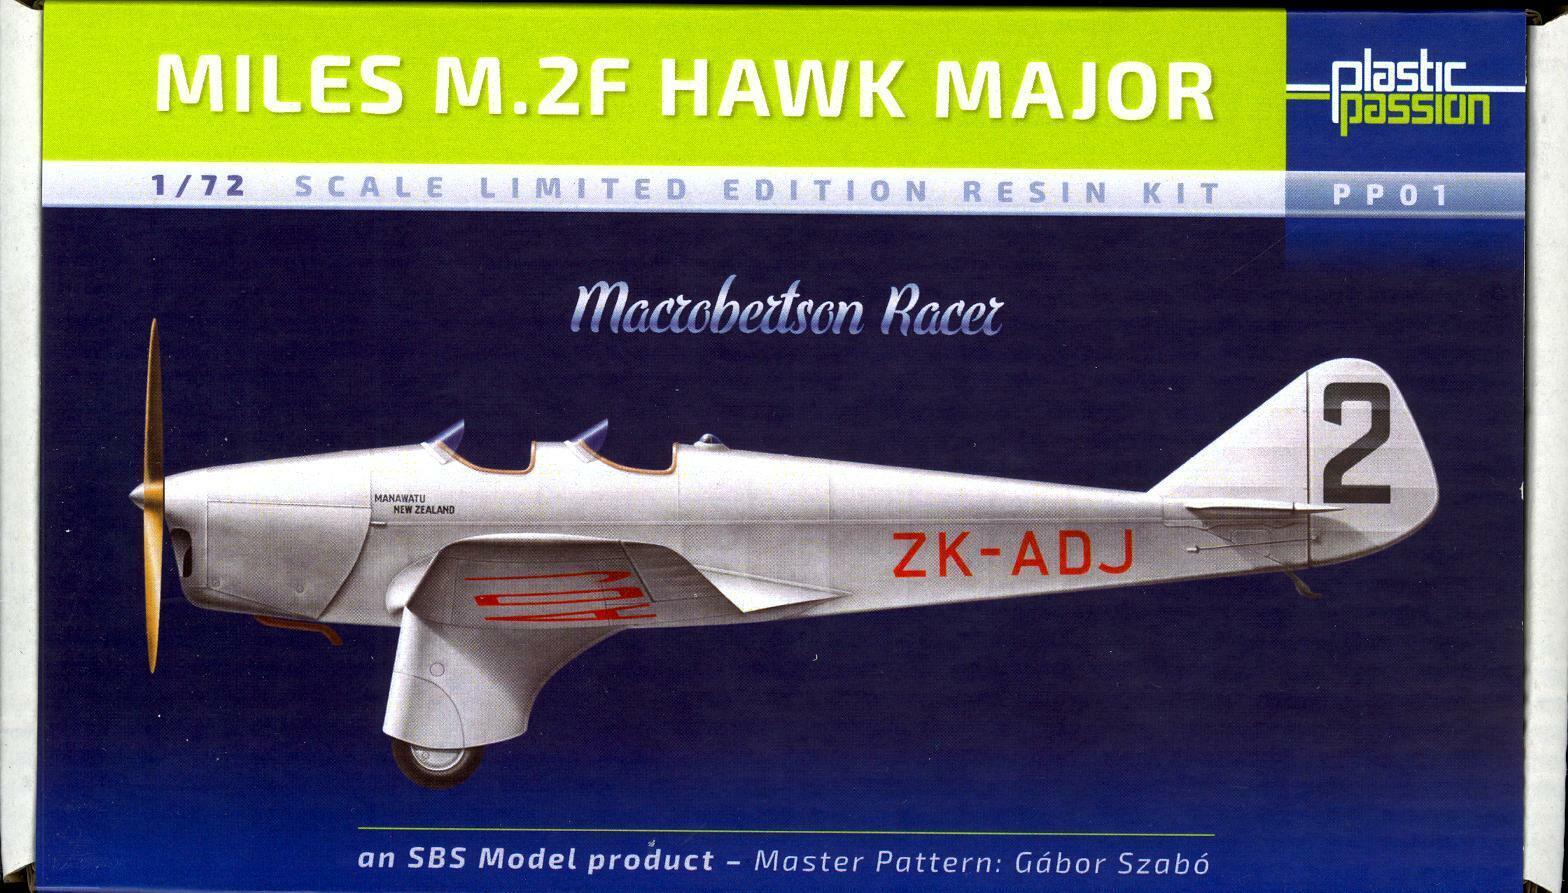 SBS modellllerlerler 172 MILES M.2F HAWK MAJOR MacRobertson Racer